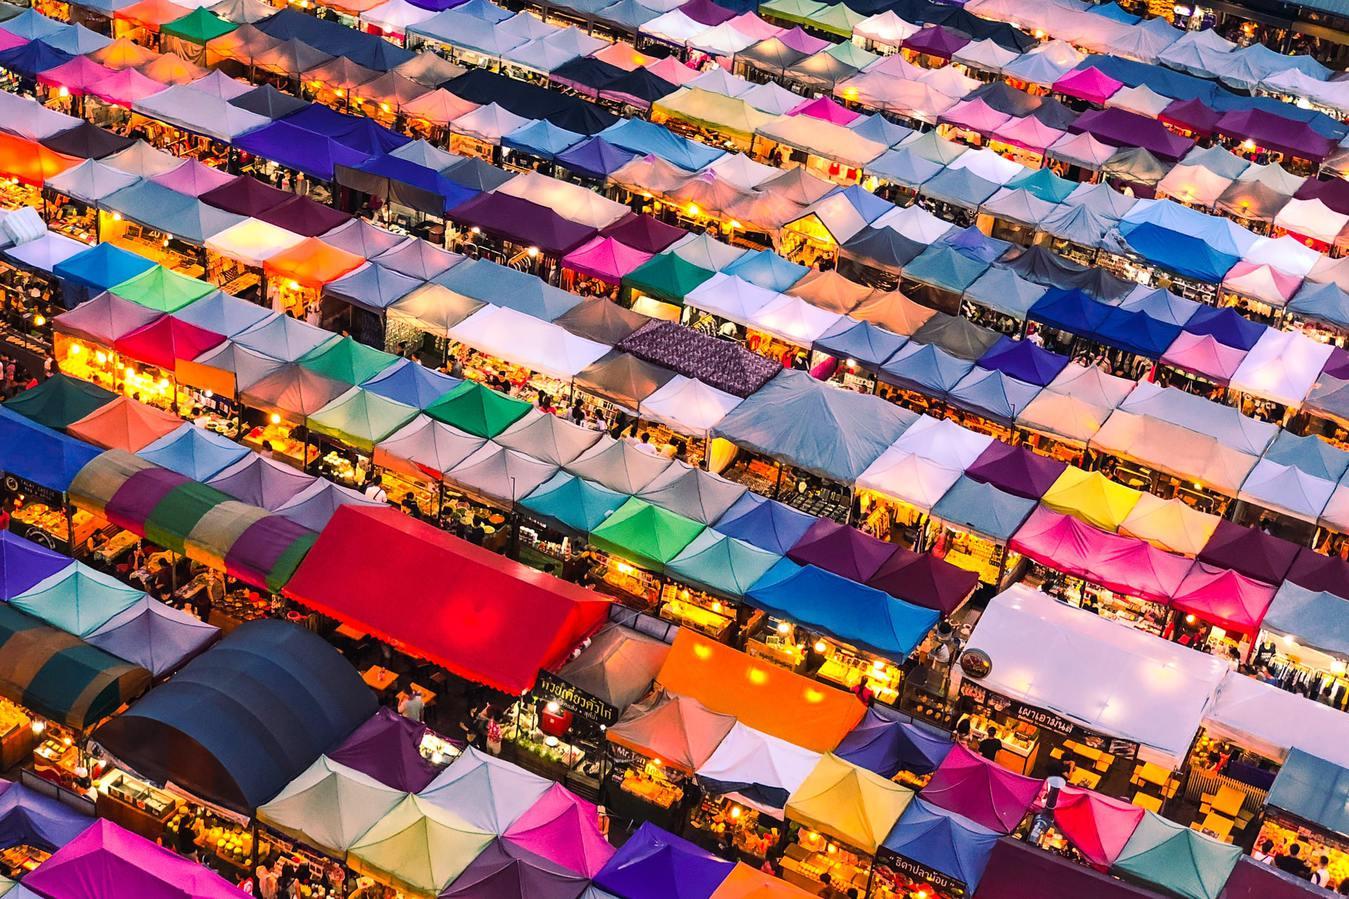 Visão de cima de várias tendas coloridas